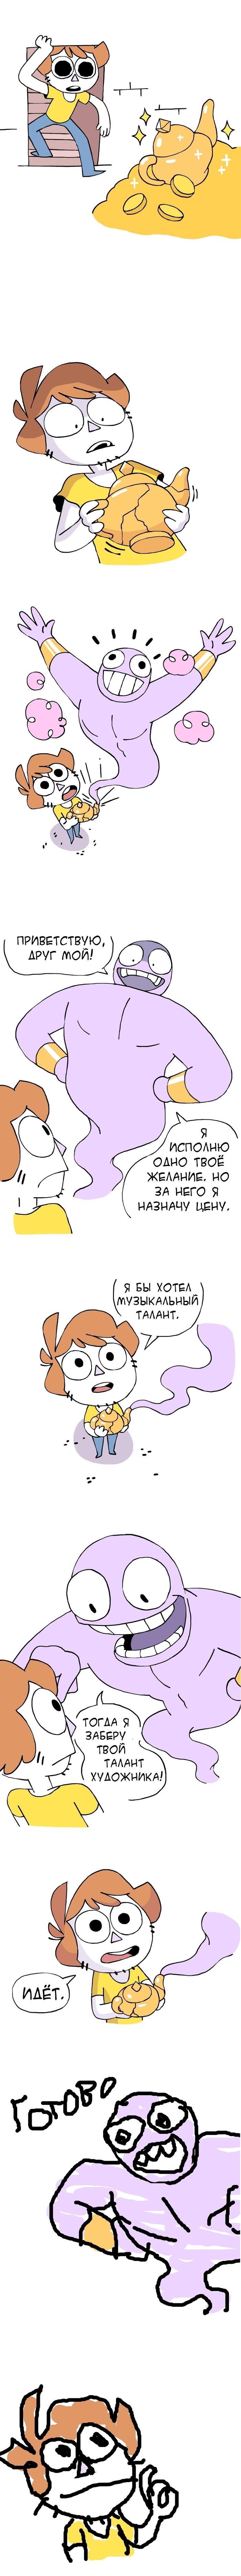 Джинн Owlturd, Bluechair, Комиксы, Длиннопост, Джинн